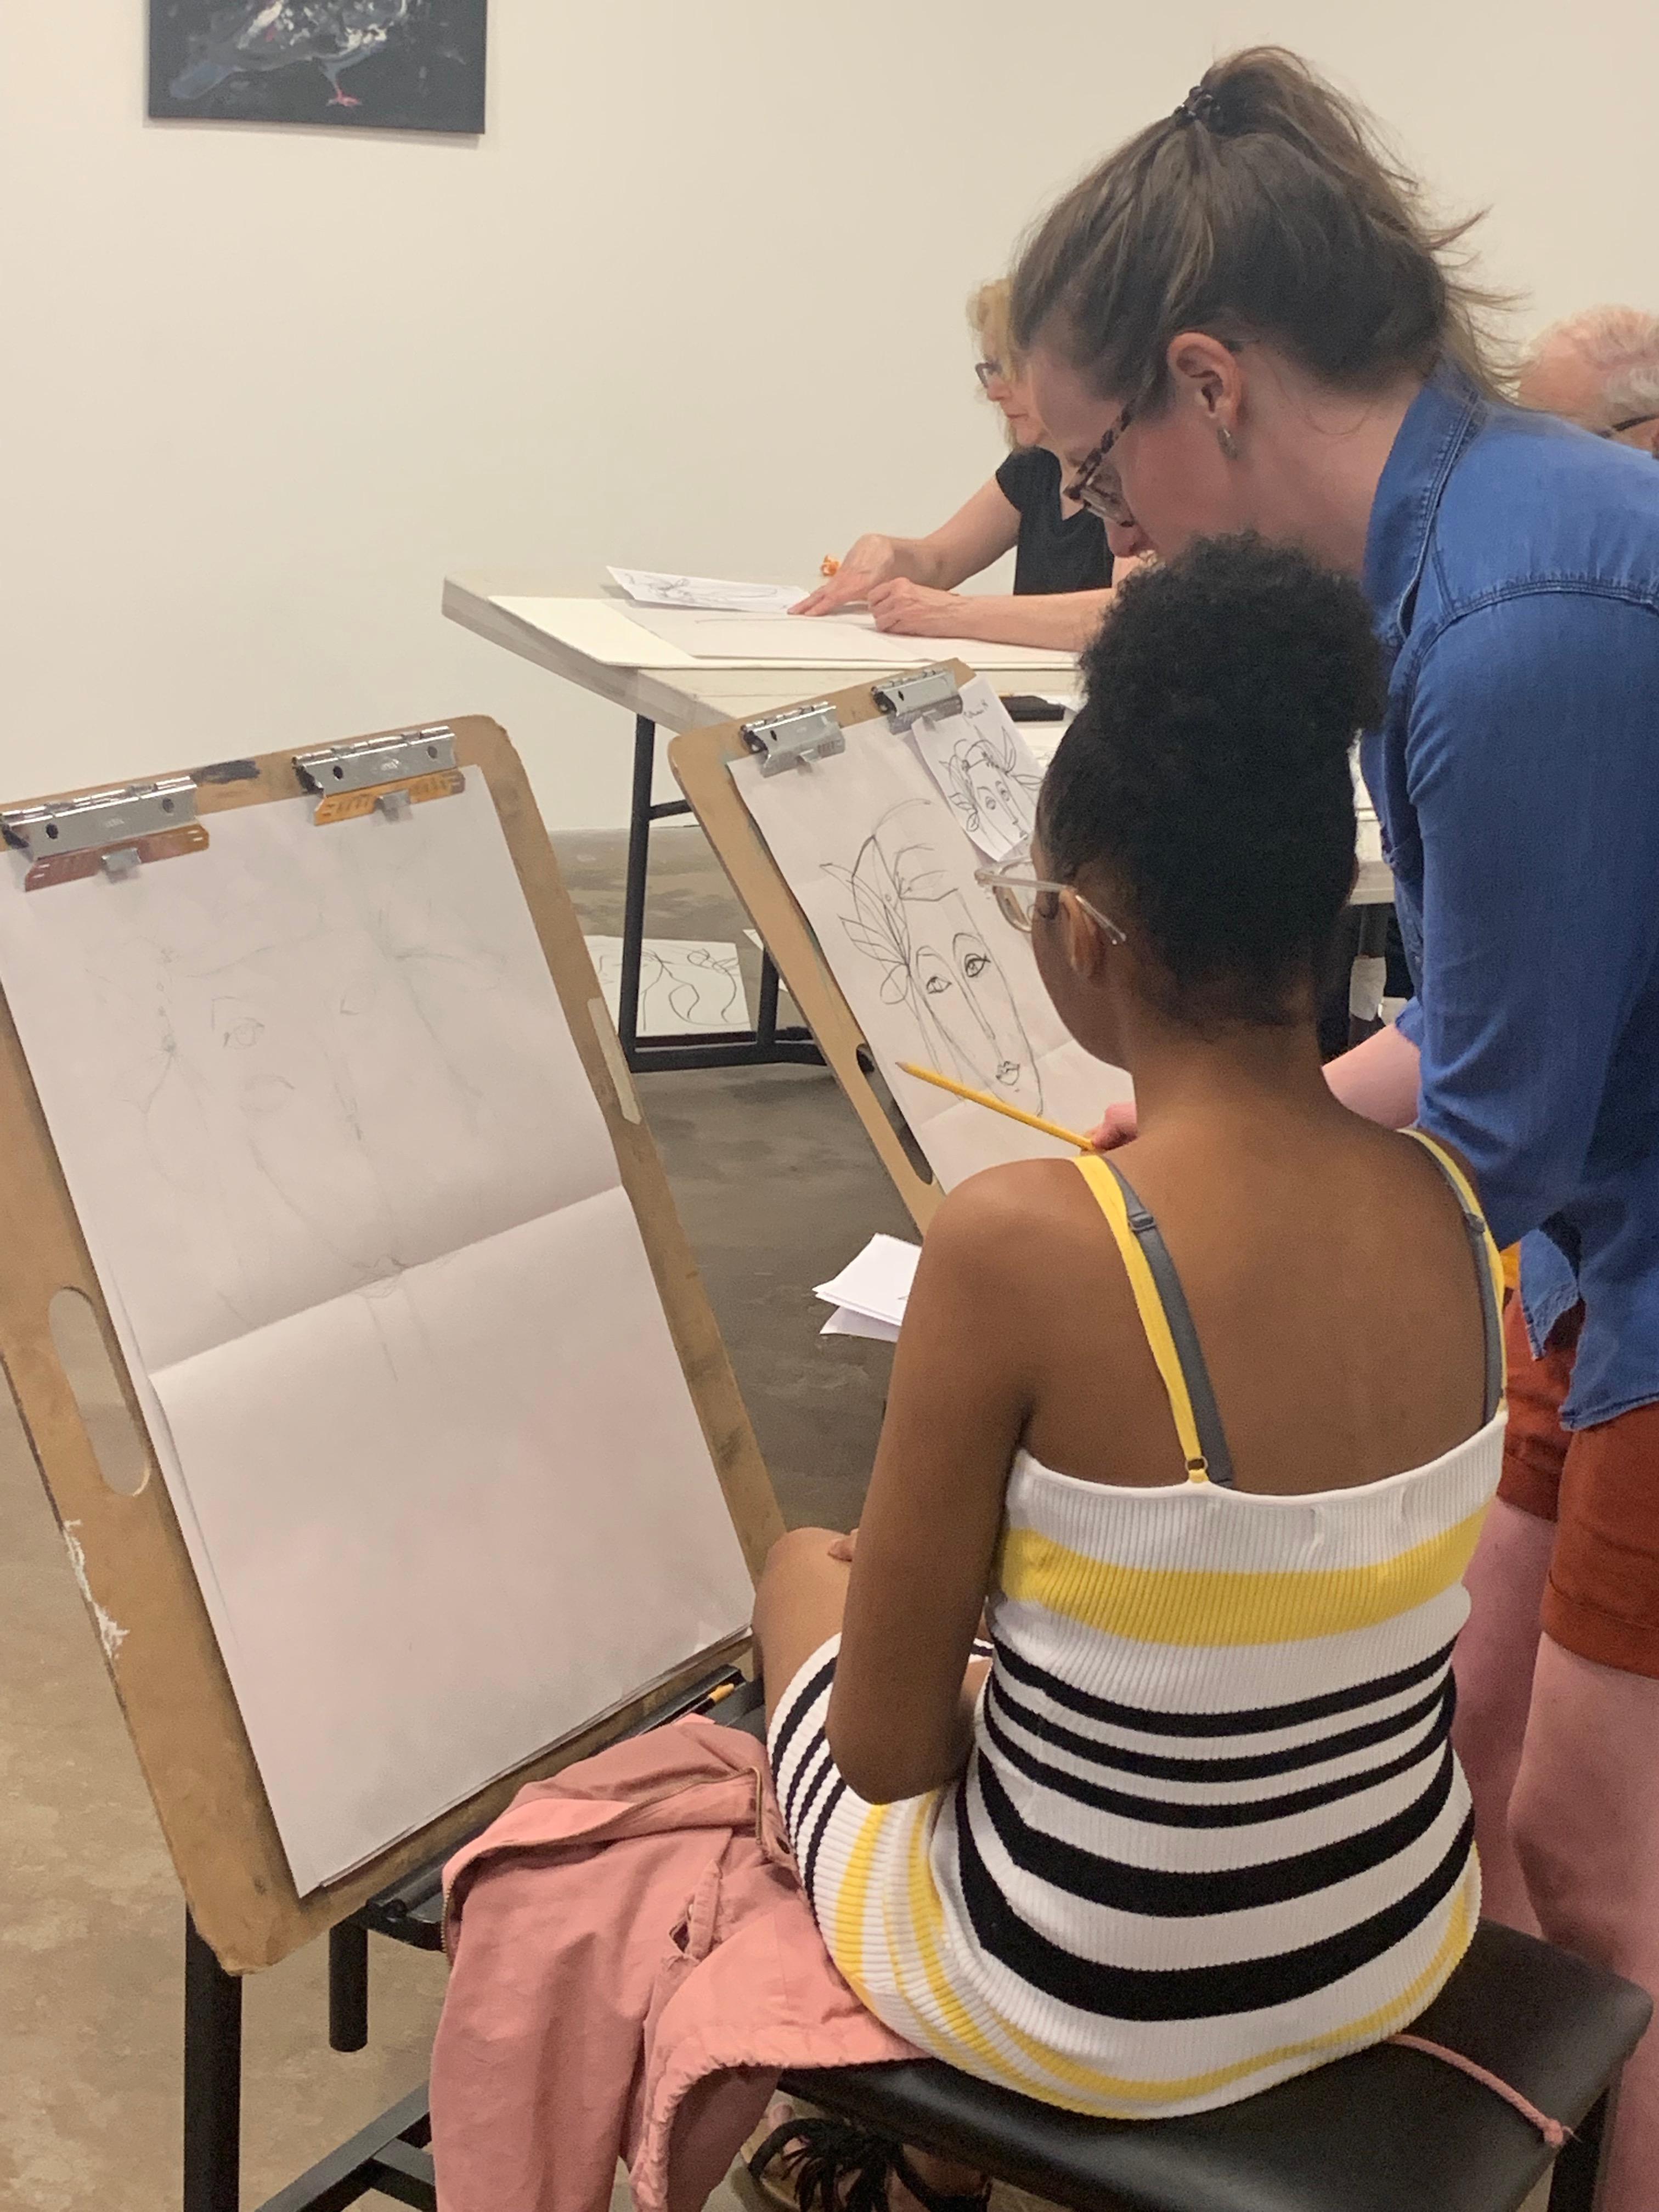 Visualization & Form Workshop